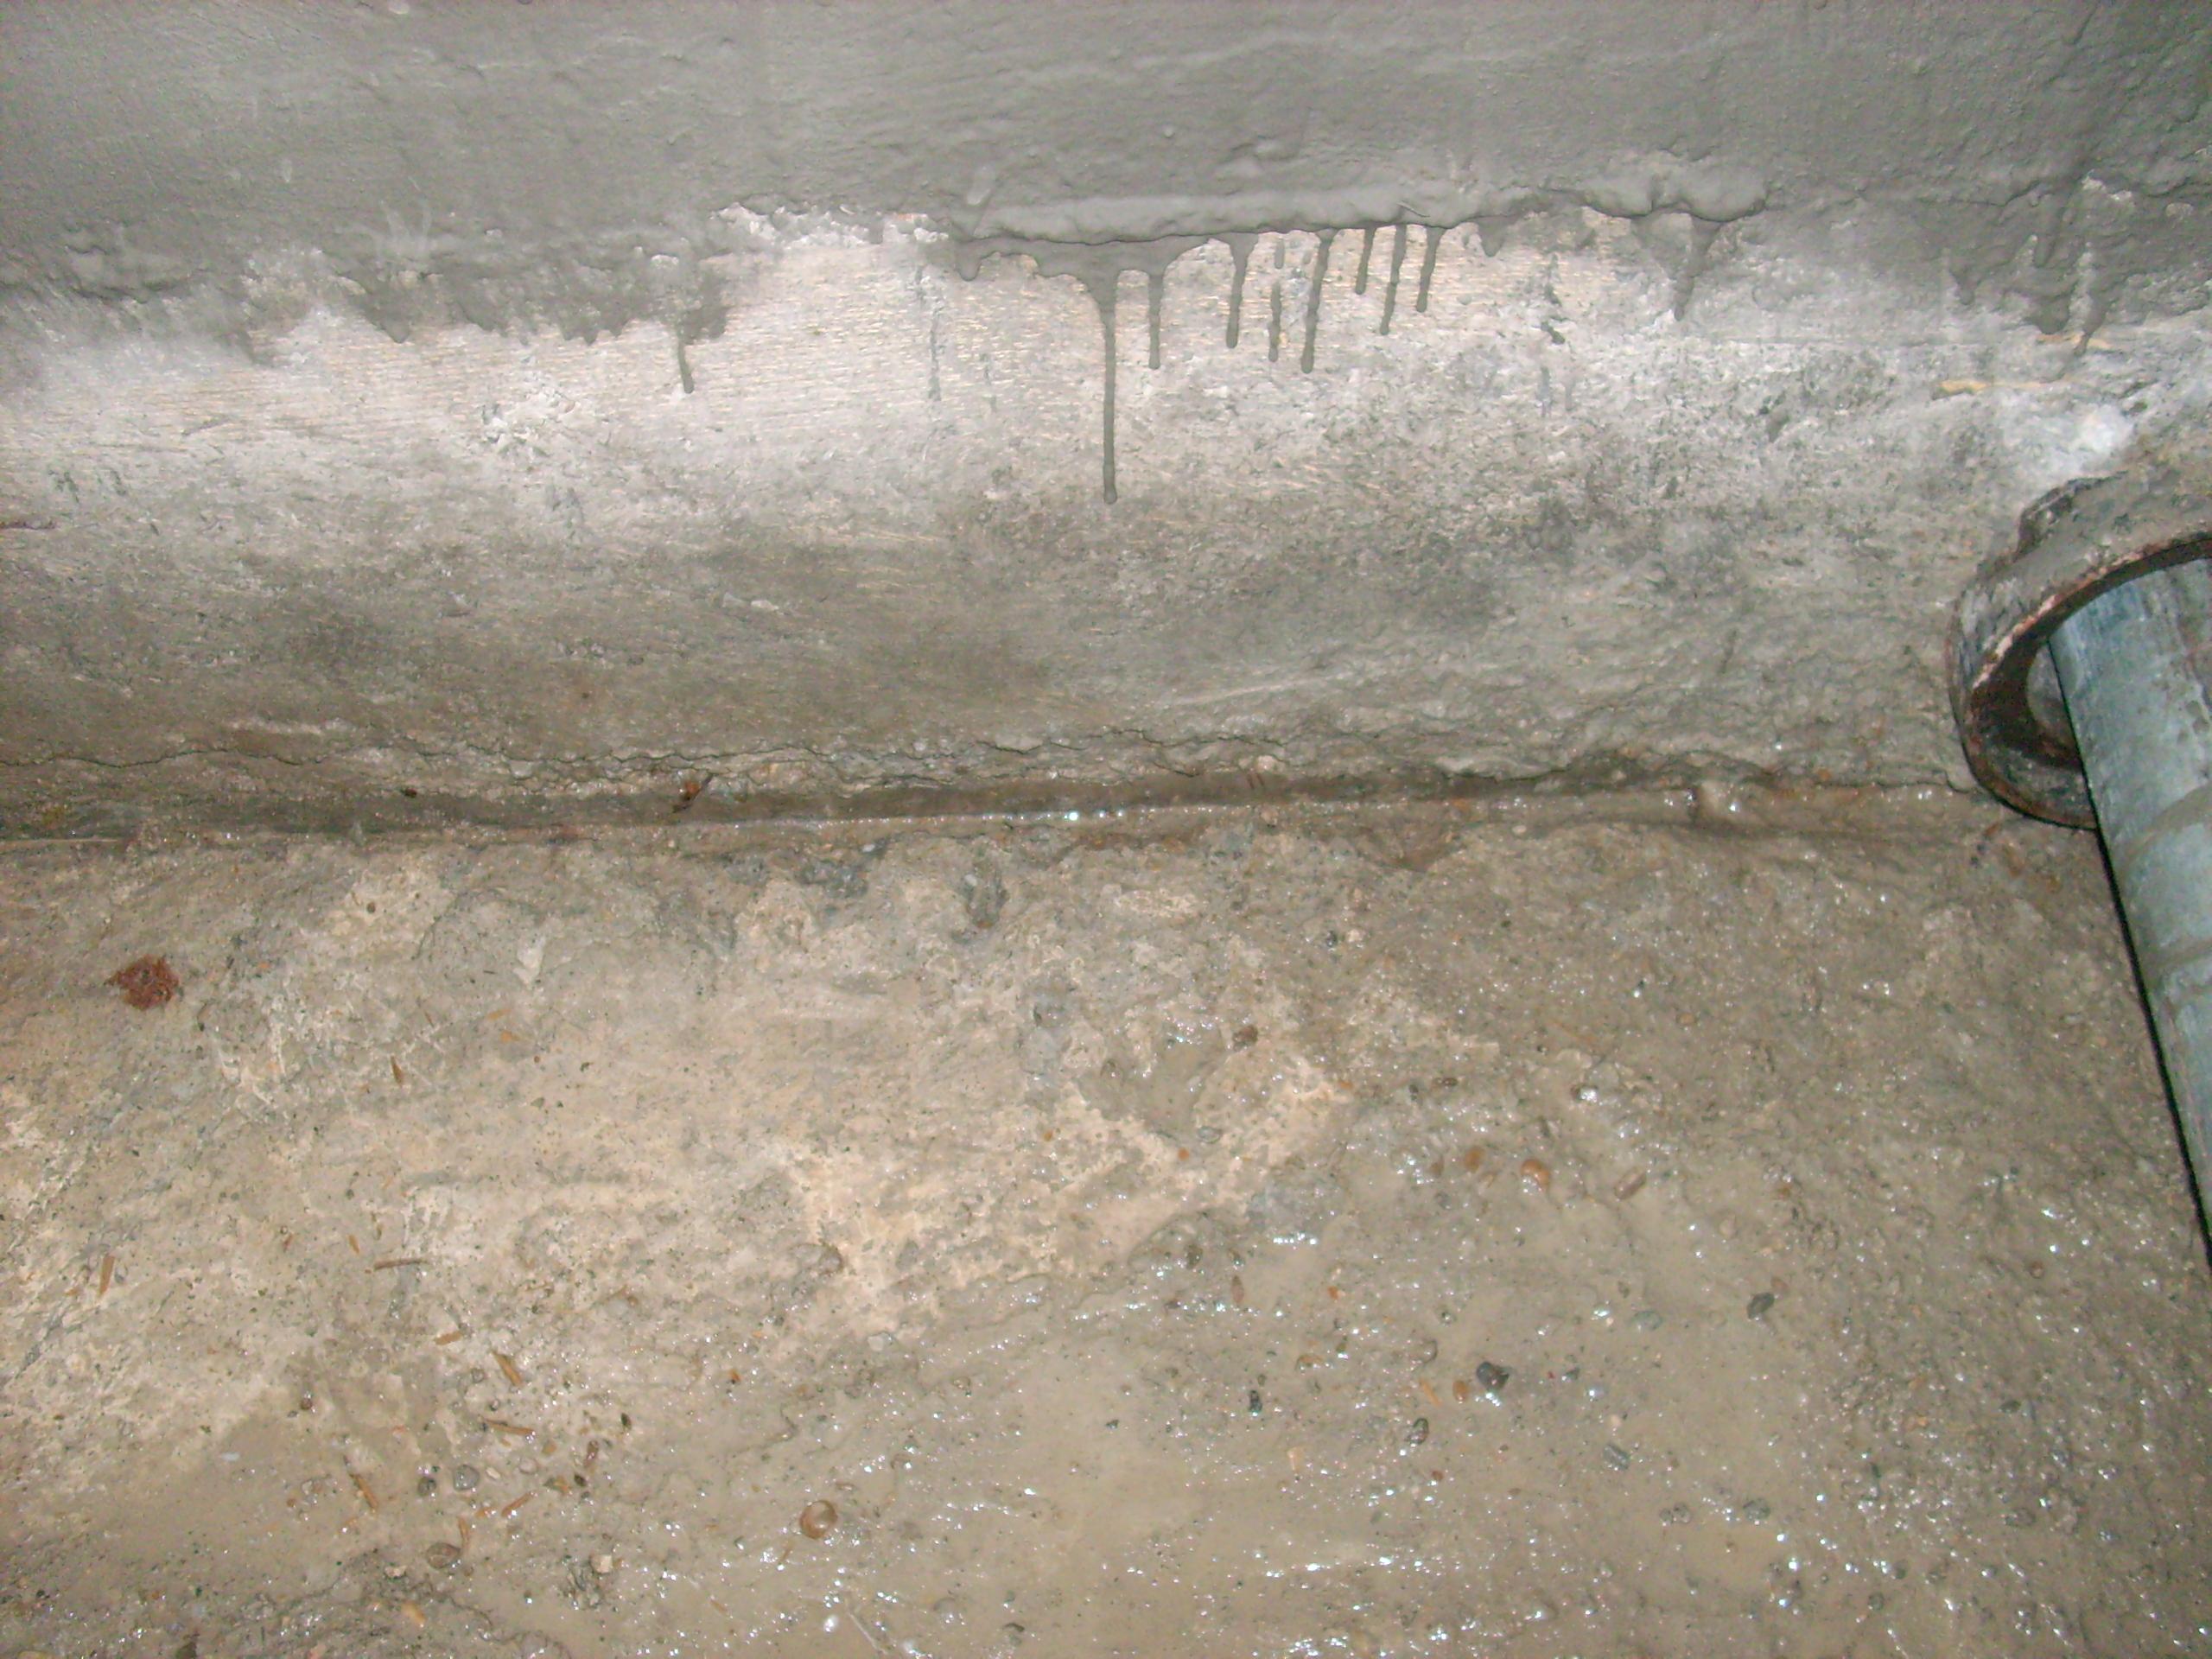 Aplicarea tratamentelor de impermeabilizare - BALCOVI - Bazin apa - Nissan - Tunari UNICO PROFIT - Poza 17